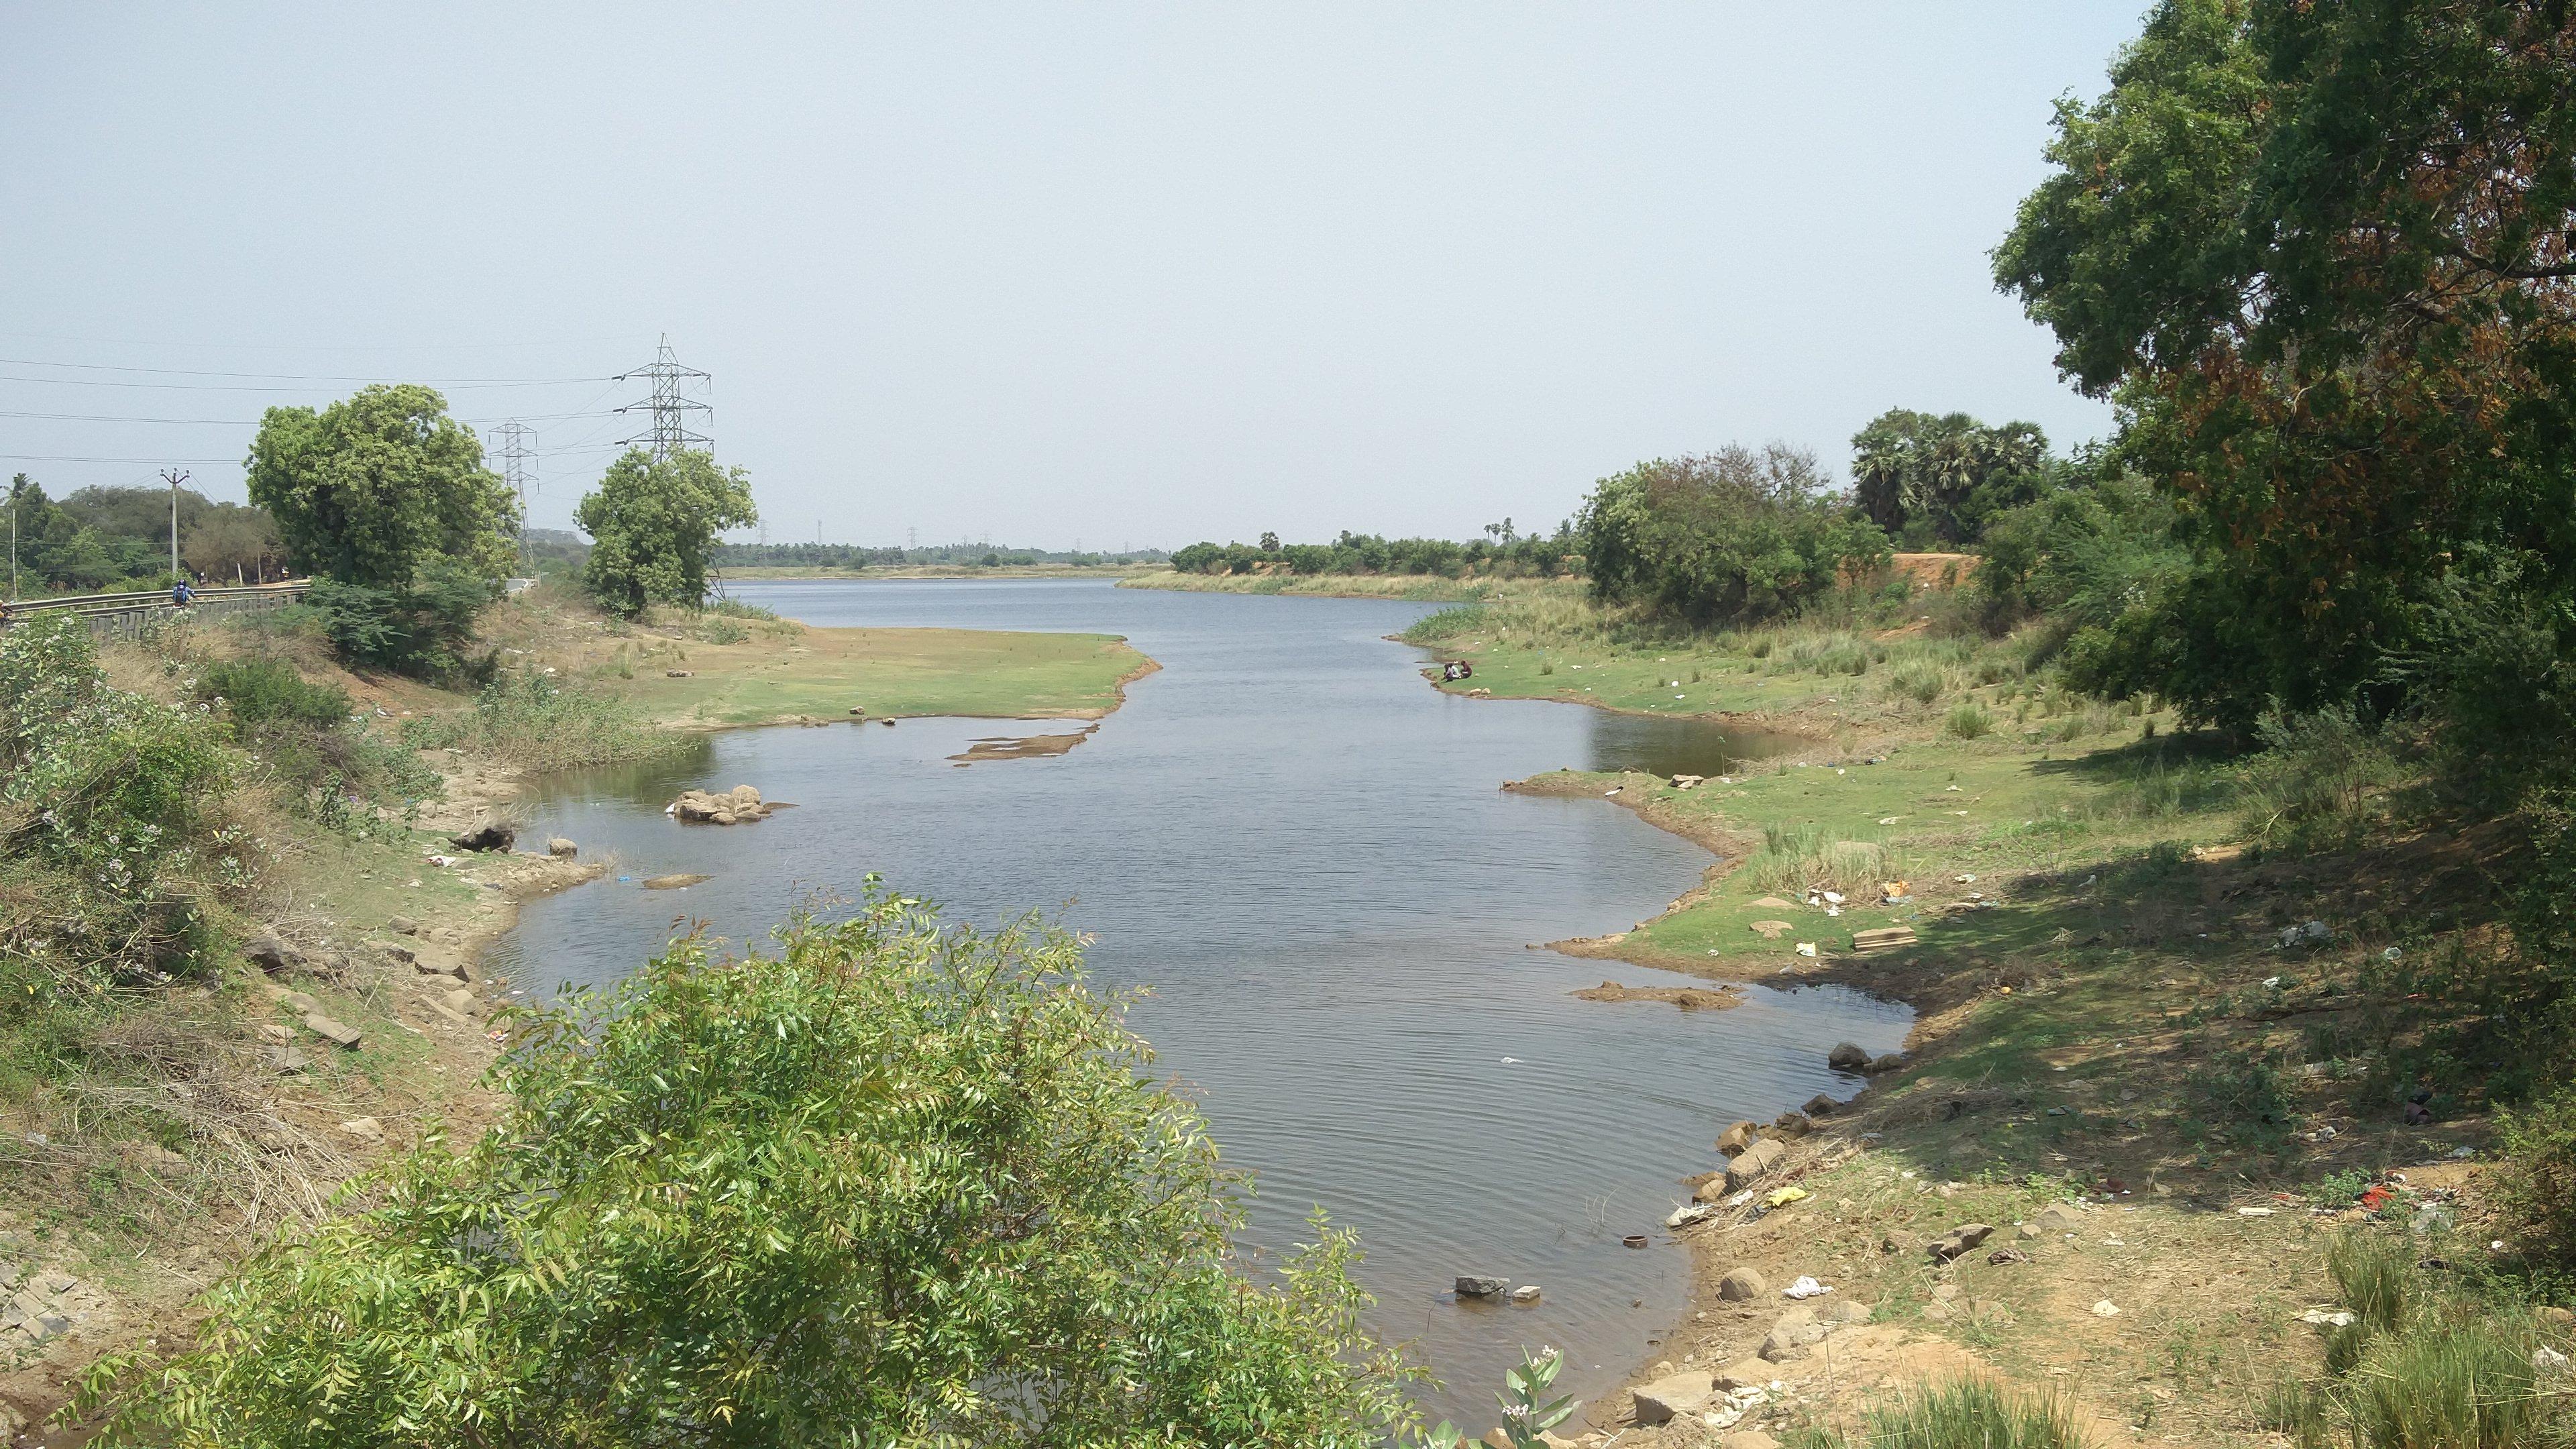 Manimangalam lake in Kanchipuram district. (Photo credit: Vinita Govindarajan).